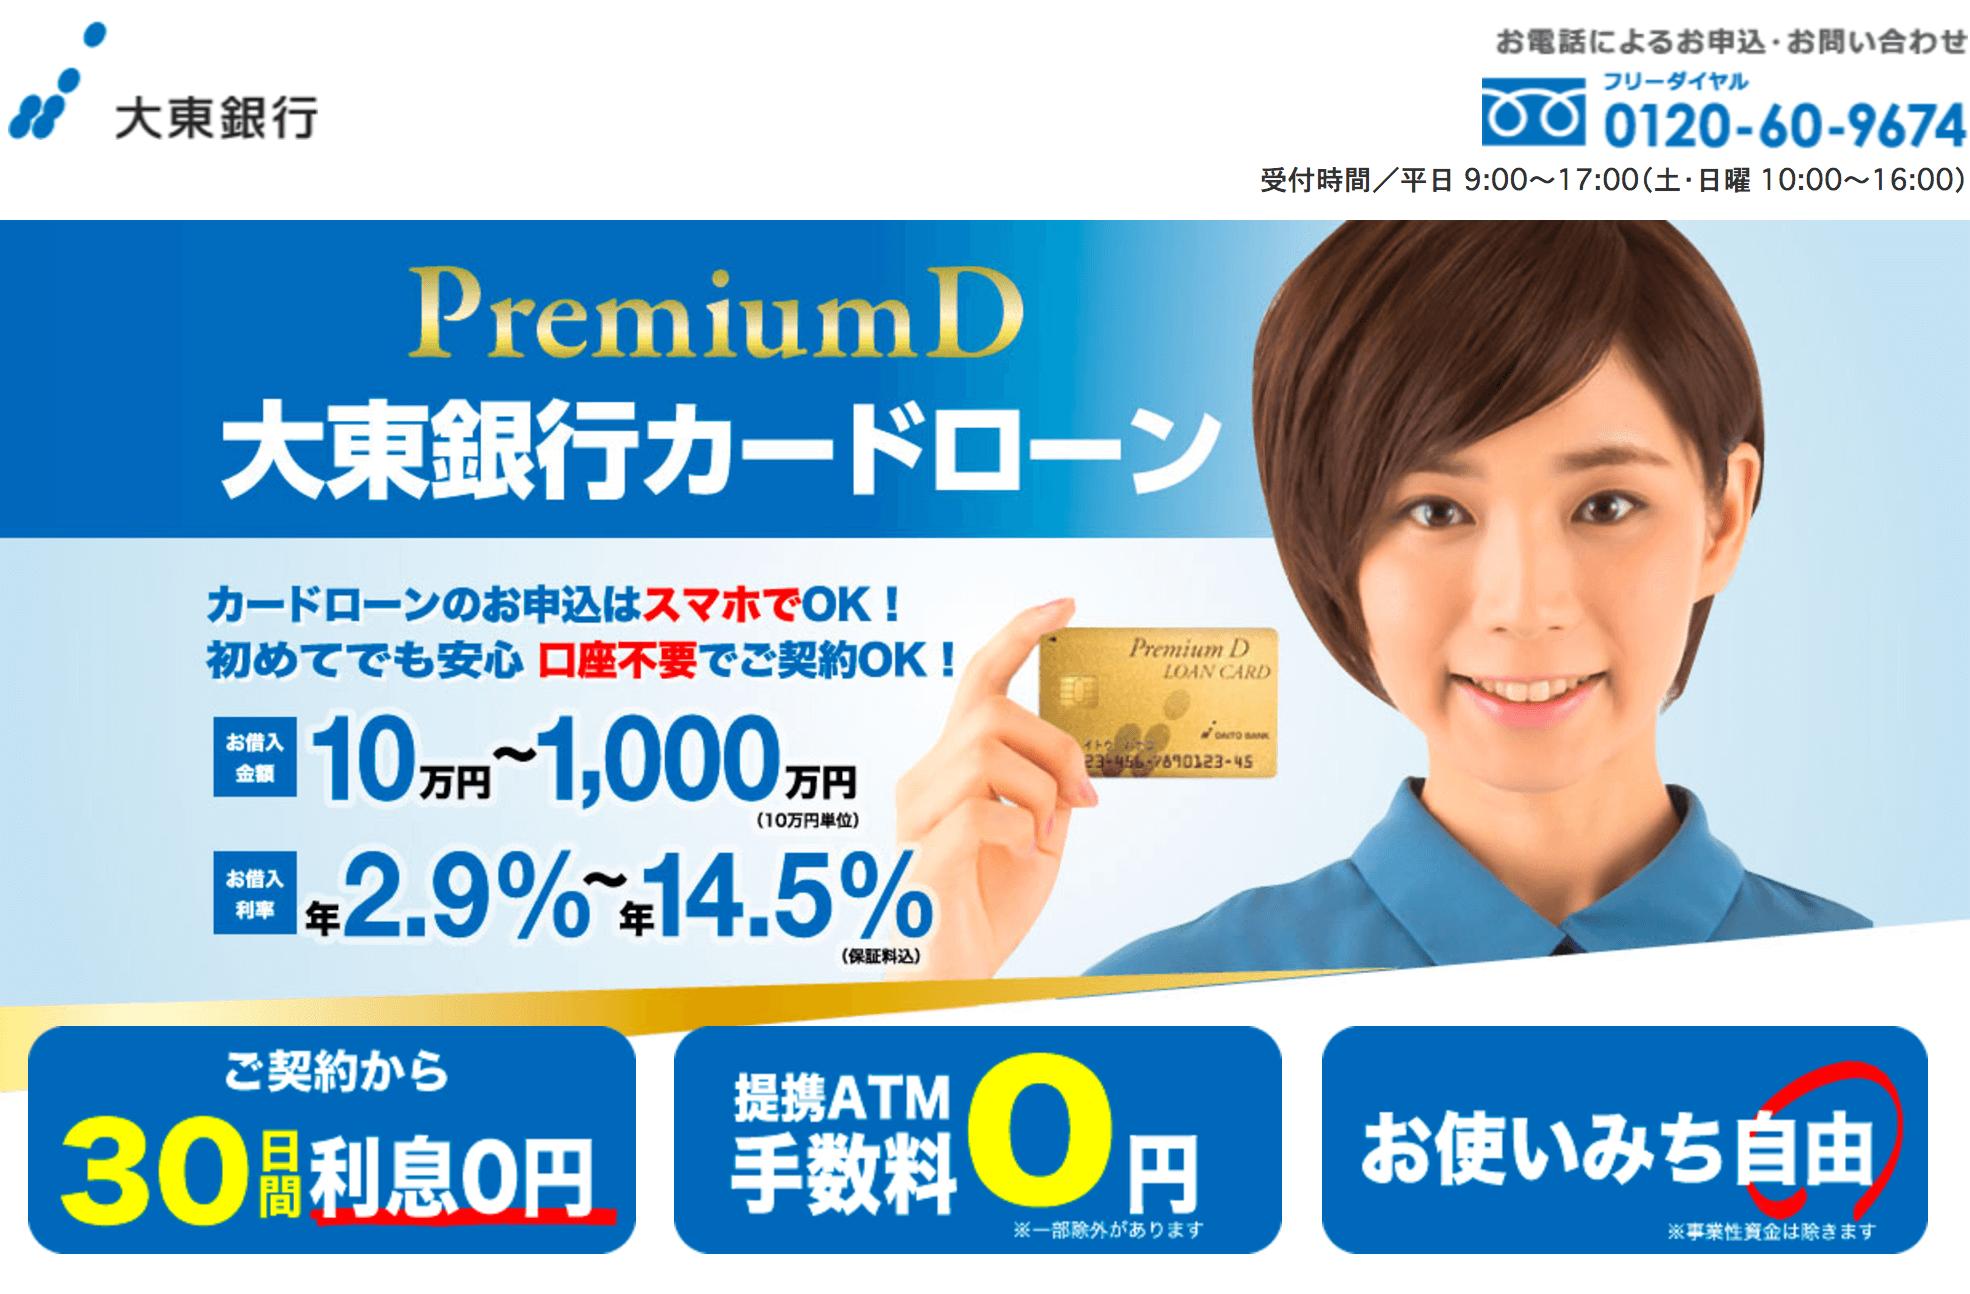 PremiumD カードローンのイメージ